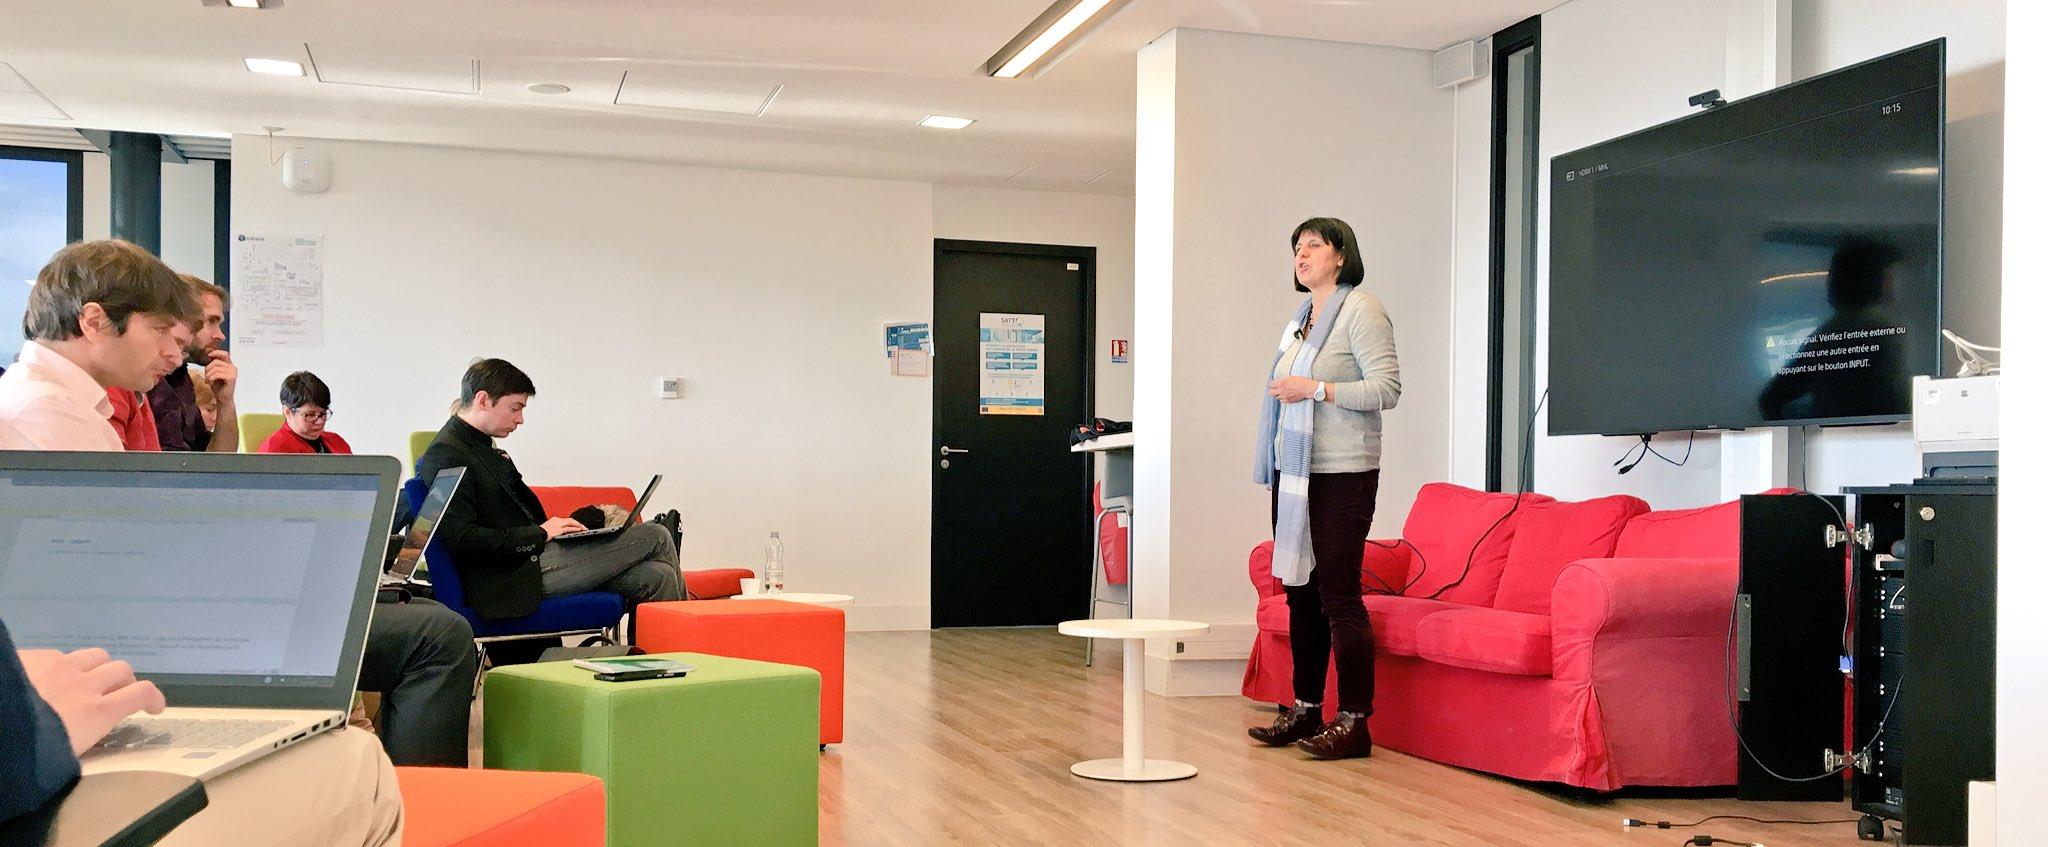 #sophiacoop Anita Potopappas présente @scopCoopetic - gérante de la coopérative d'activité. Plus d'informat• : https://t.co/whV8iQa60j https://t.co/ZzhyIBXkWQ